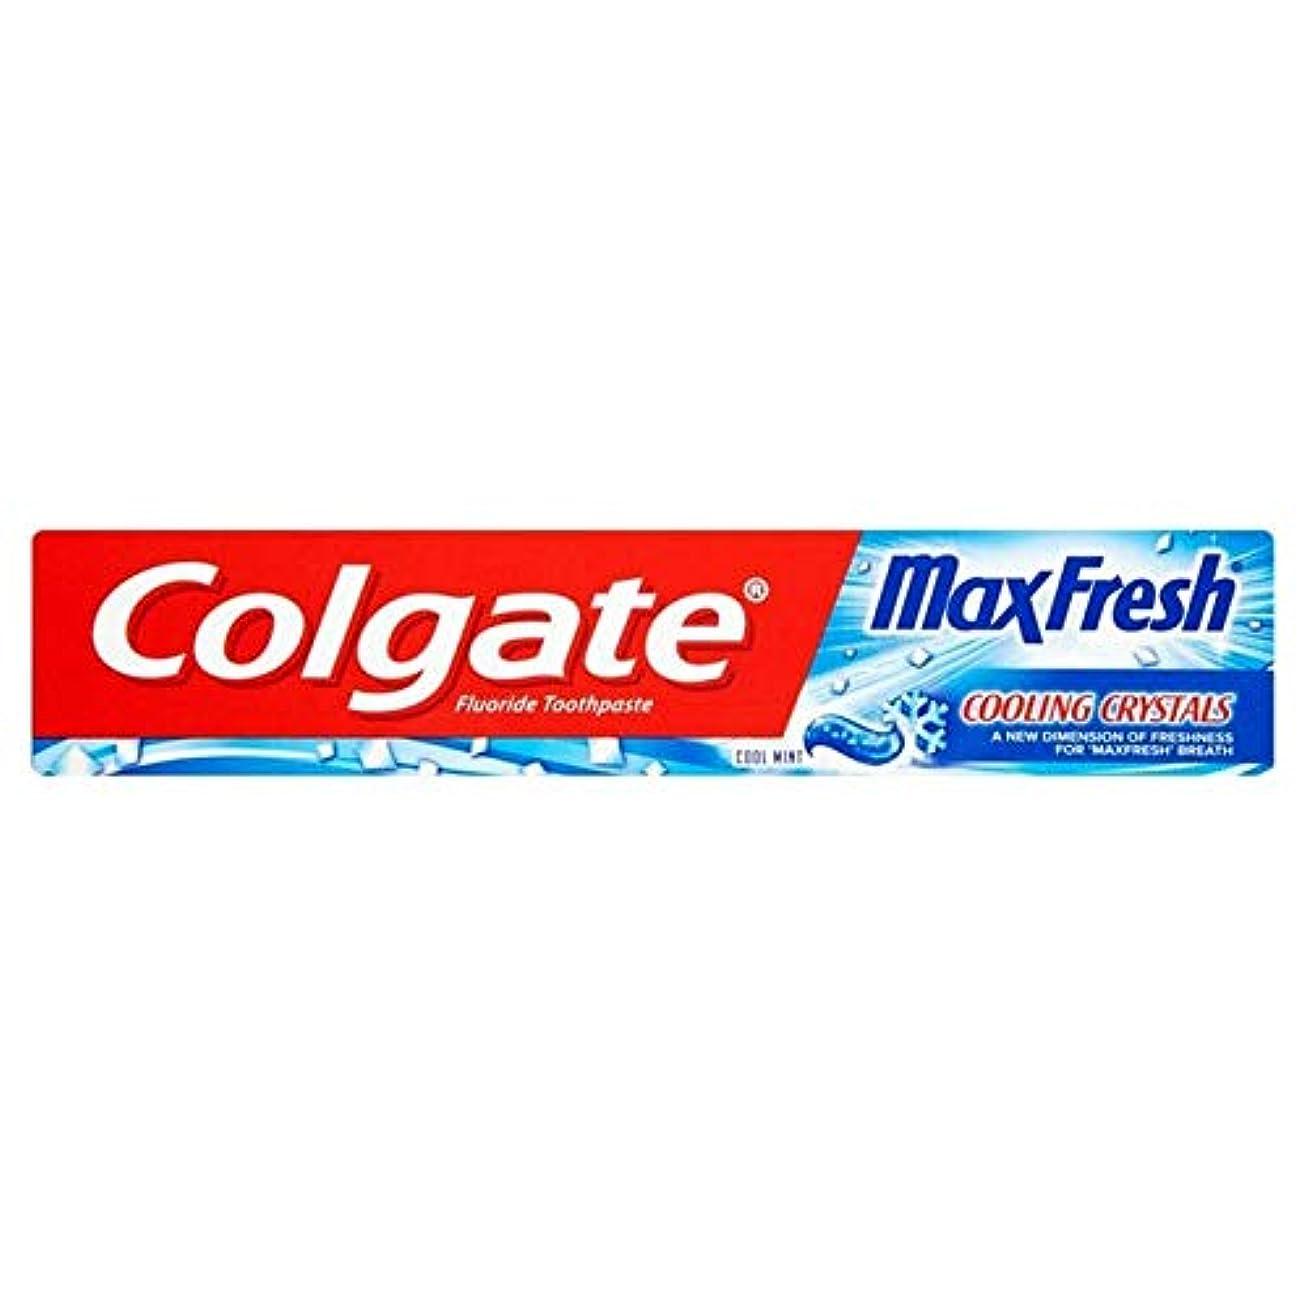 含意トレイル取り戻す[Colgate ] 冷却結晶歯磨き粉75ミリリットル新鮮なコルゲートマックス - Colgate Max Fresh with Cooling Crystals Toothpaste 75ml [並行輸入品]